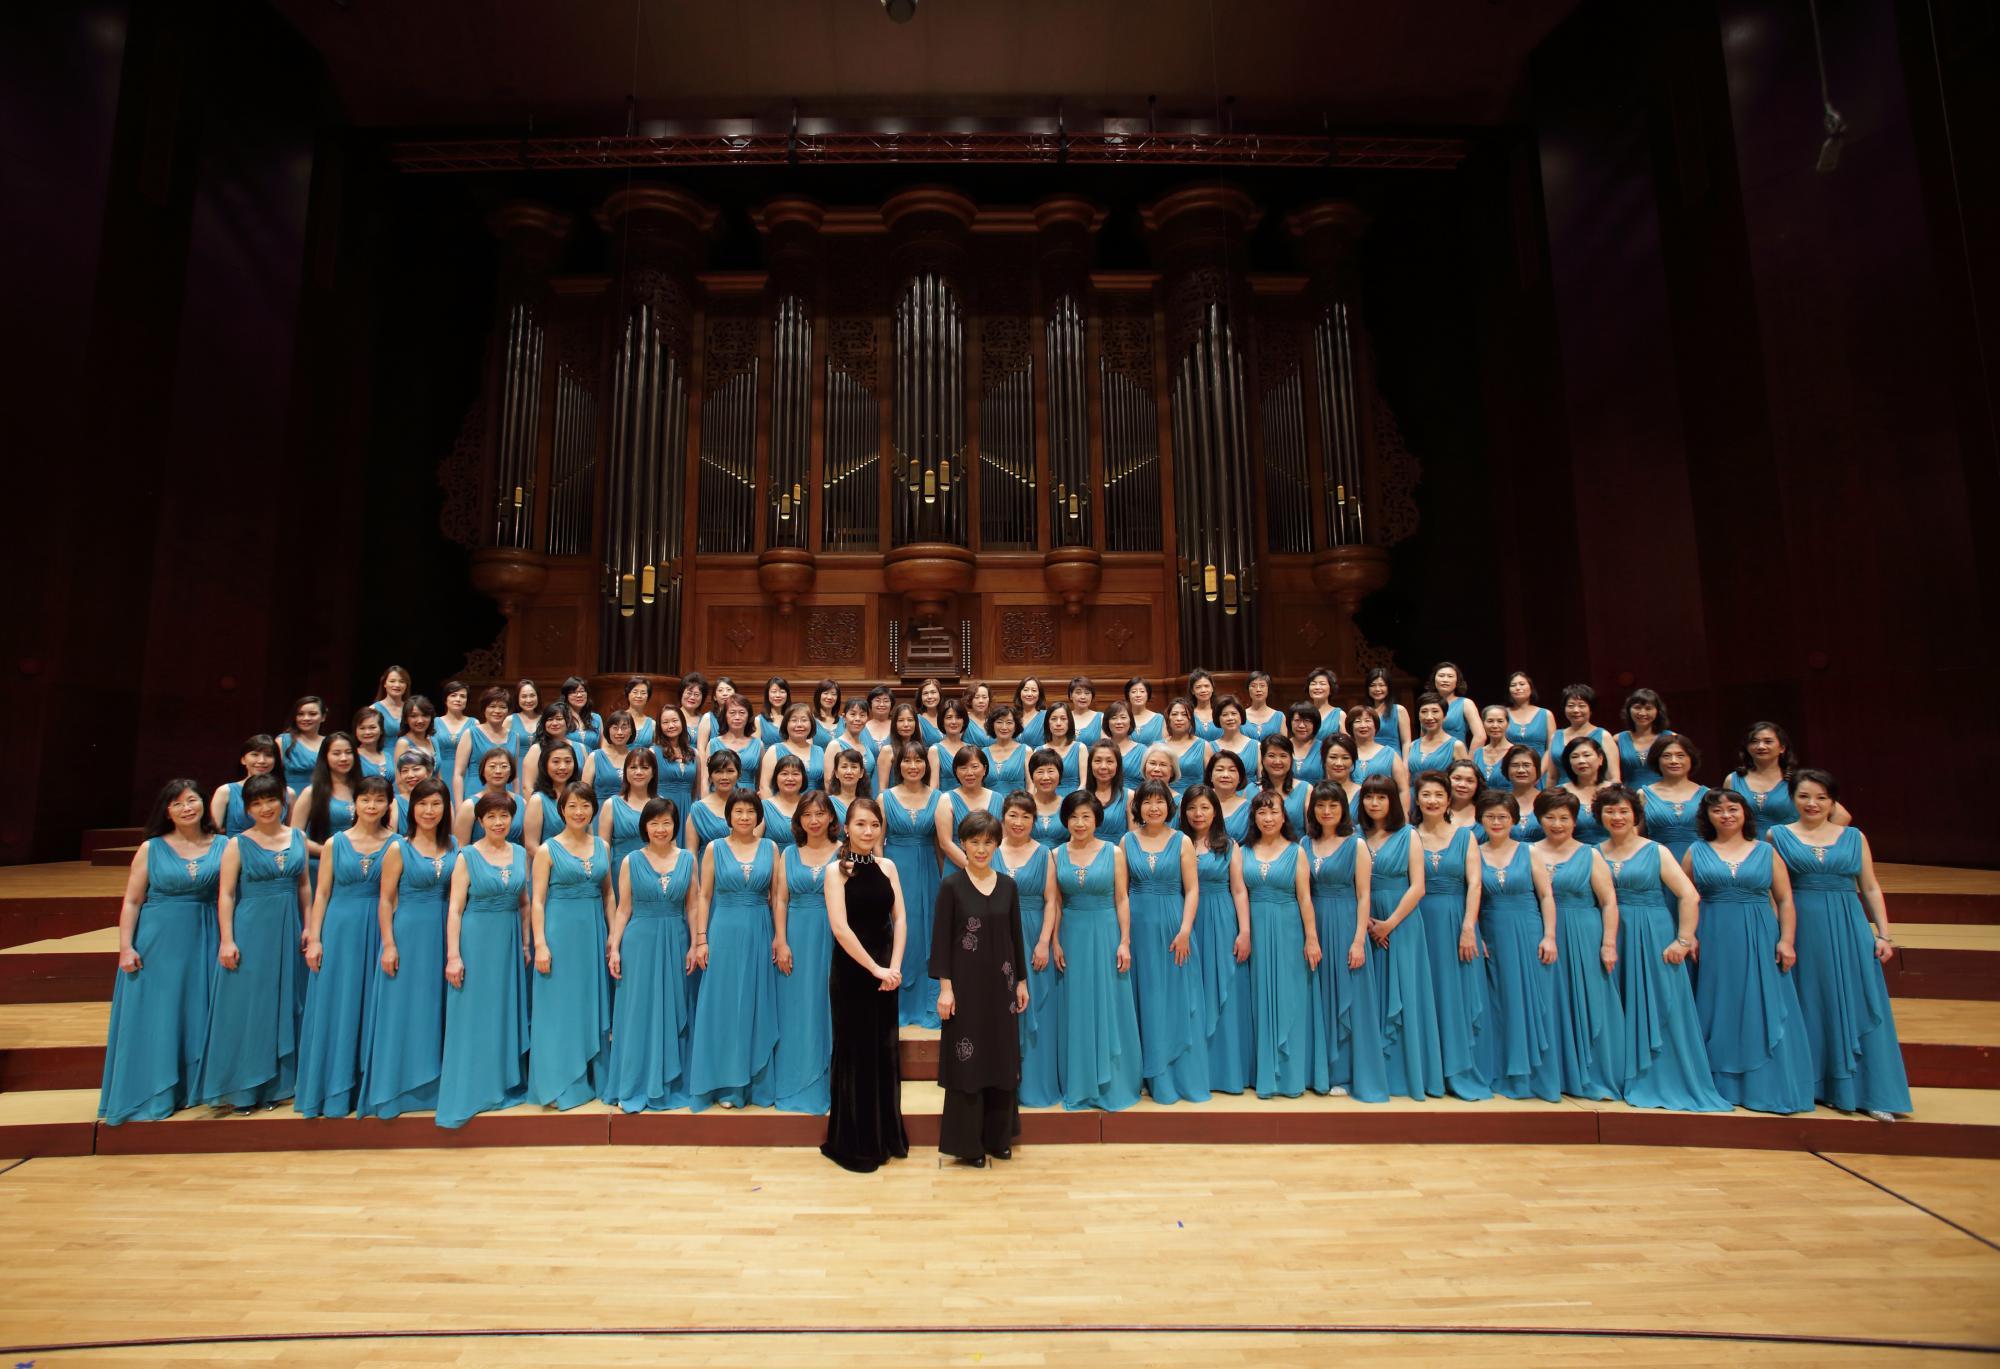 台北愛樂婦女合唱團